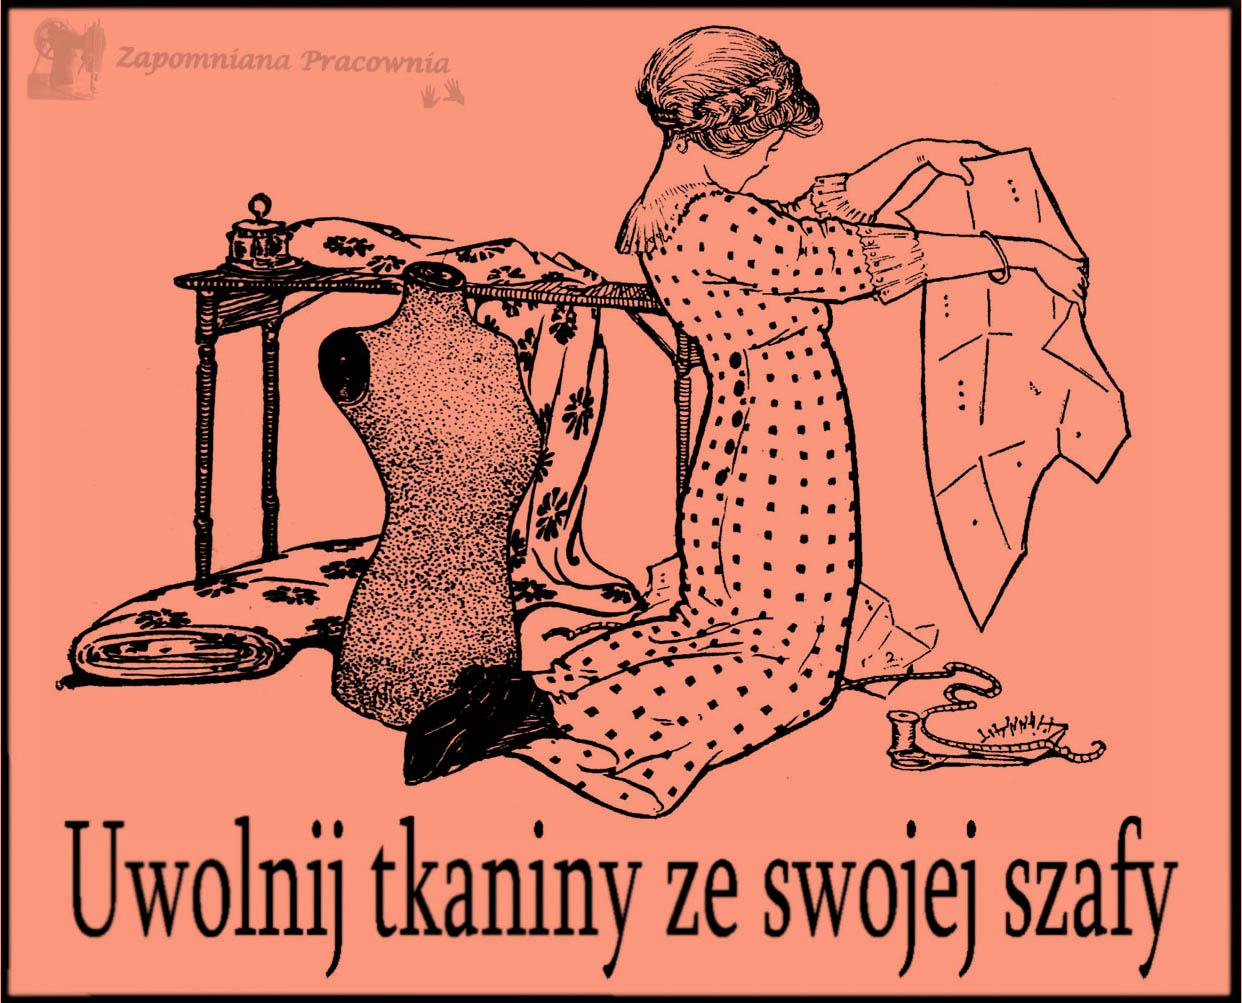 Uwalniamy tkaniny!